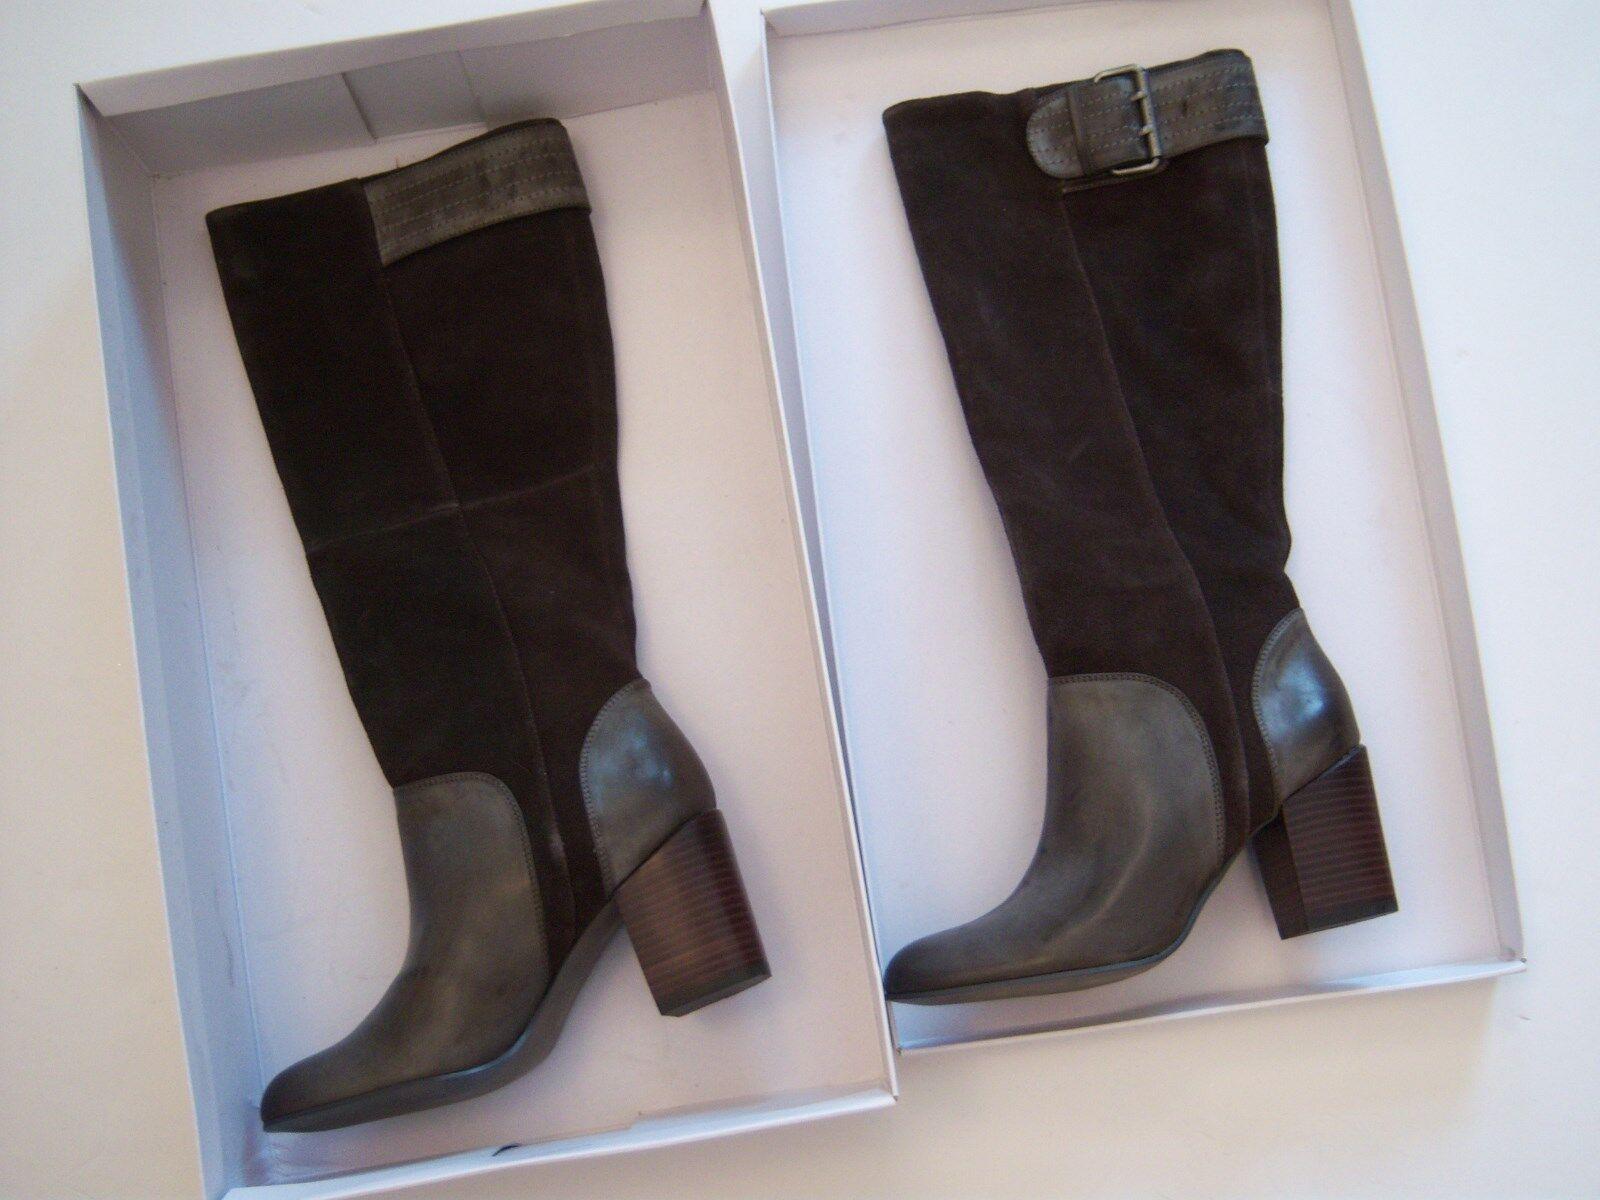 Calvin Klein CK Jeans Gemma Tall High Heel Stiefel Braun Größe 8.5 Leder & Suede